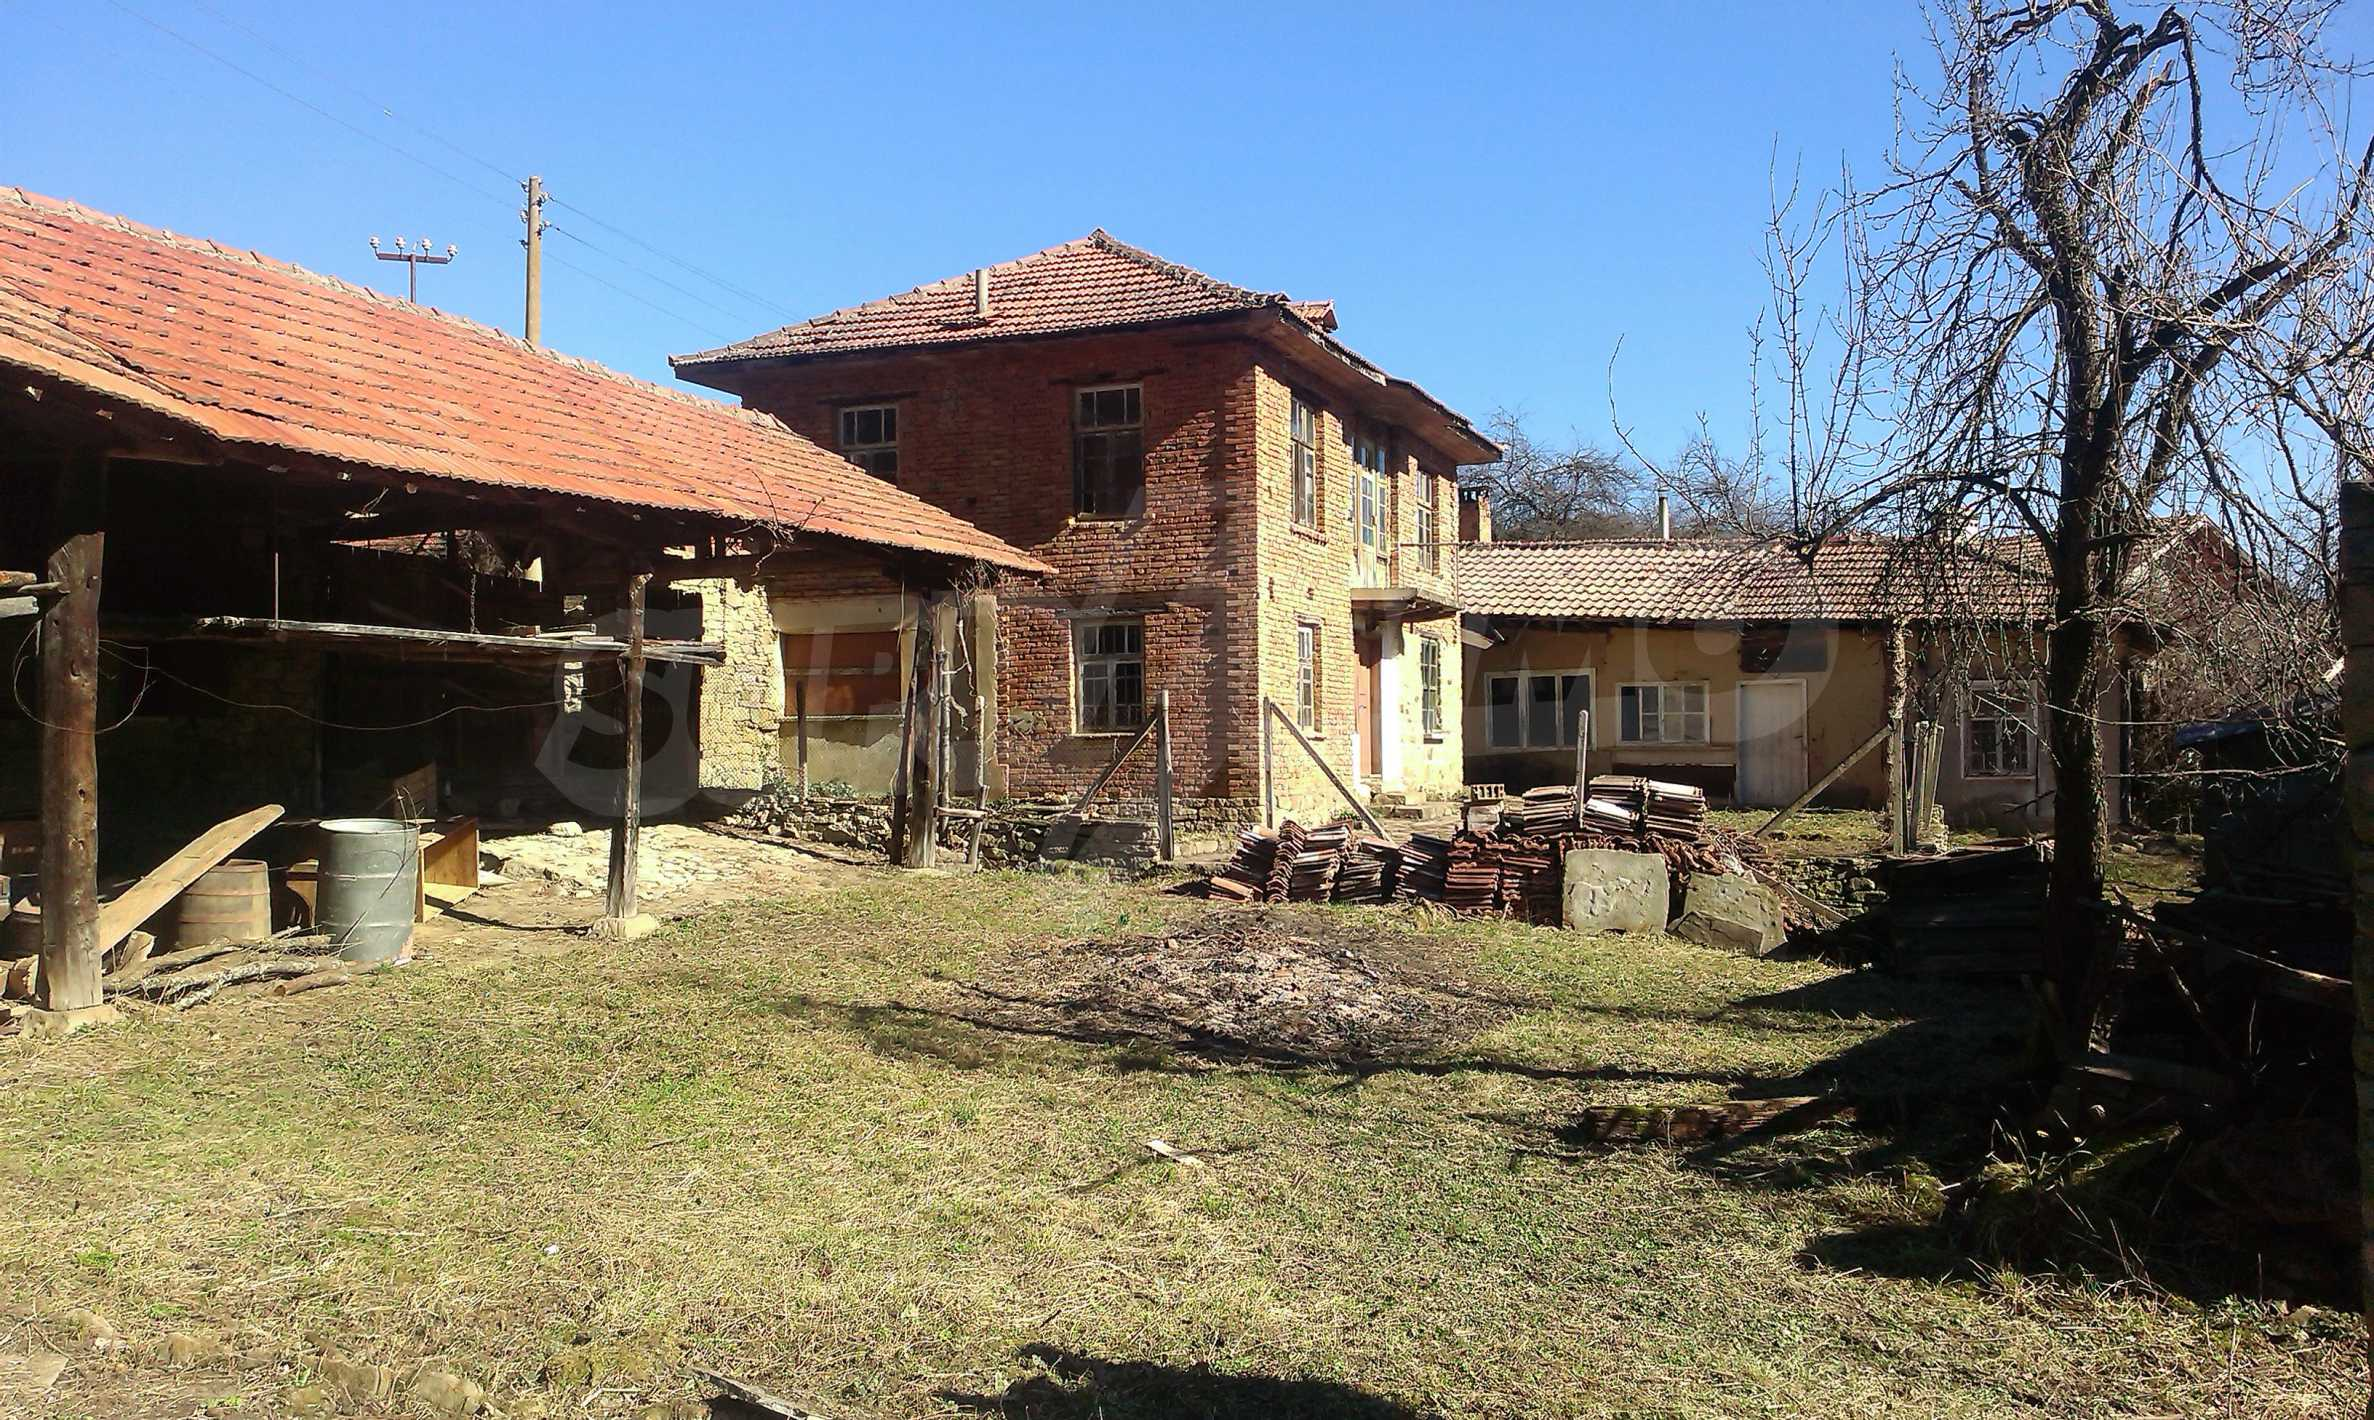 Тухлена двуетажна къща само на 22 км от Велико Търново  29